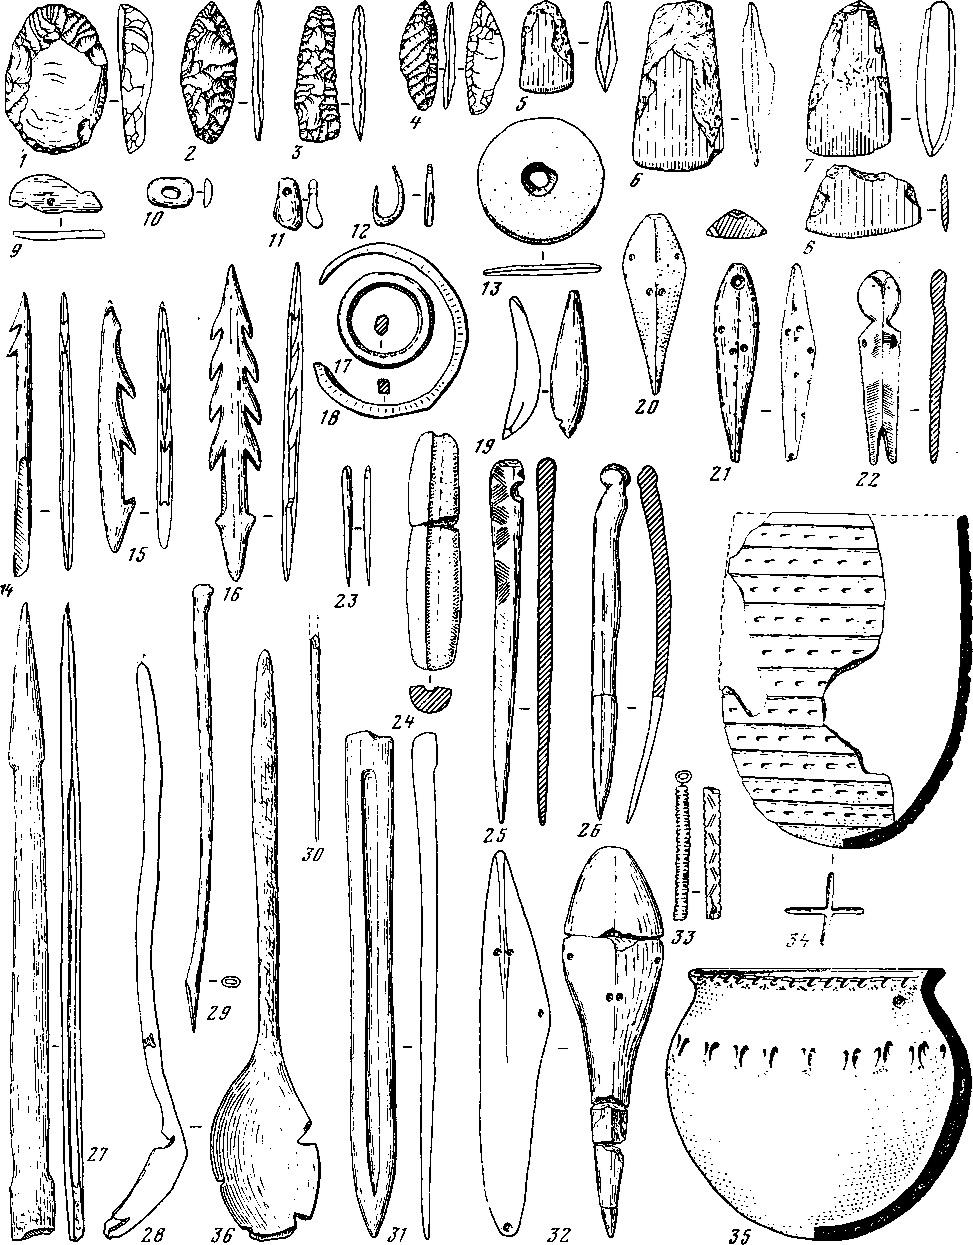 Рис. 135. Изделия шиверской культуры. 1—33, 35 — могильник Шумилиха; 34 — Шиверский могильник, погребение 1